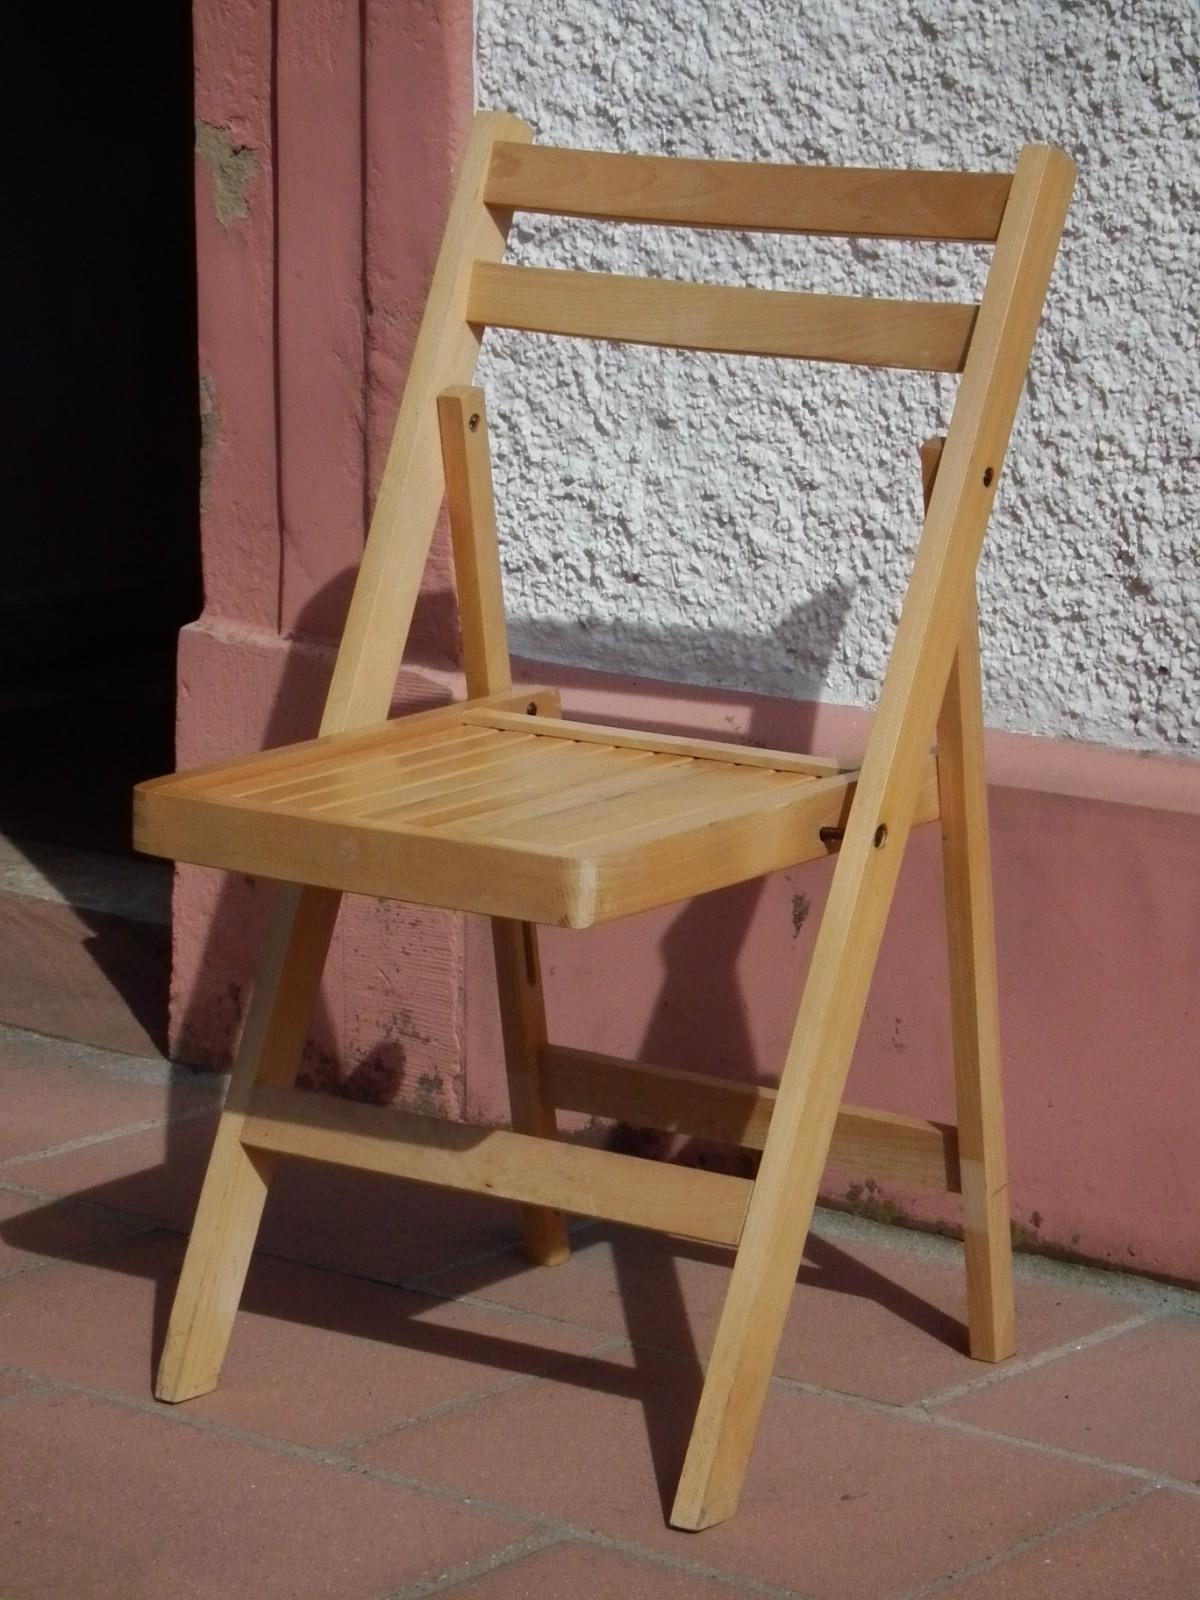 Klappstuhl aus Holz